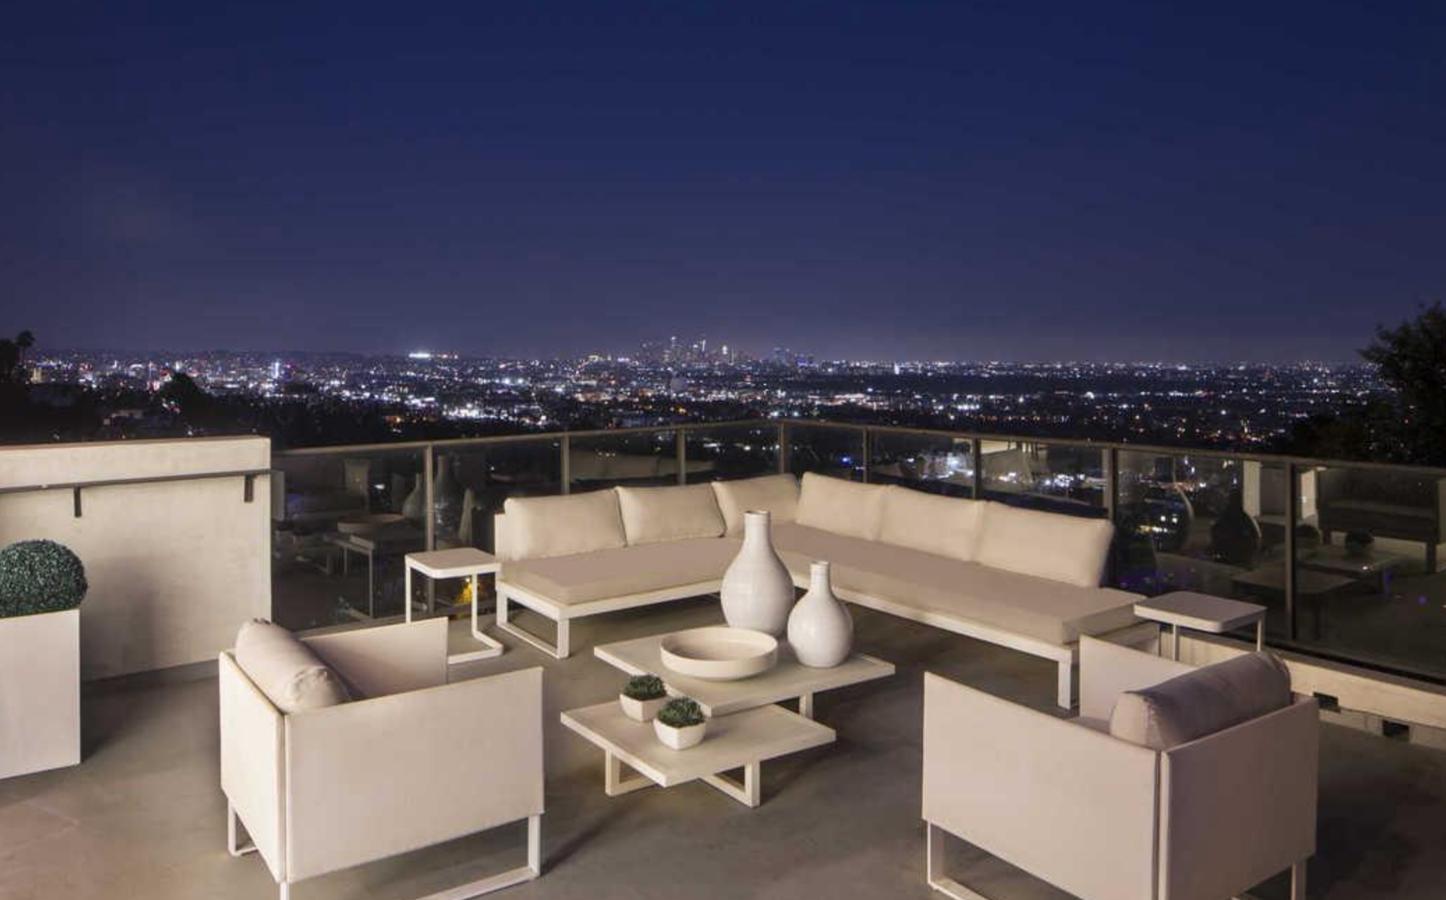 Terraza de la casa de Demi Lovato en Los Angeles. Una terraza con vistas a la ciudad